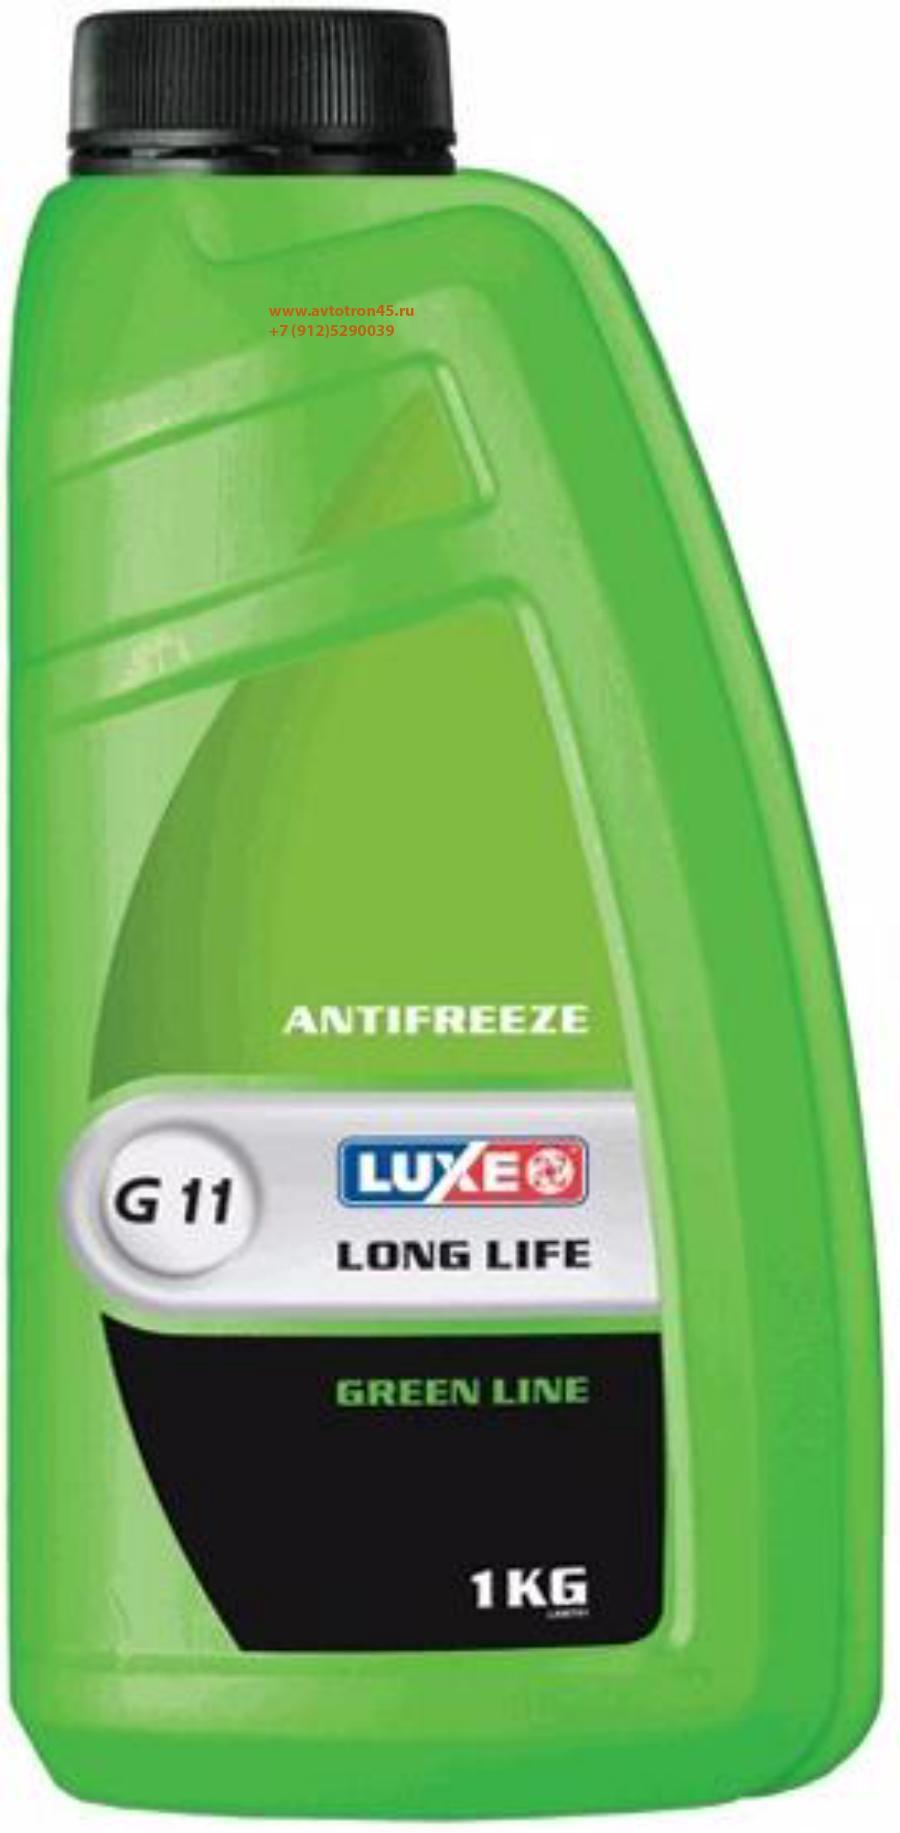 Антифриз готовый к применению LUXE Antifreeze Green Line G11 (1л)